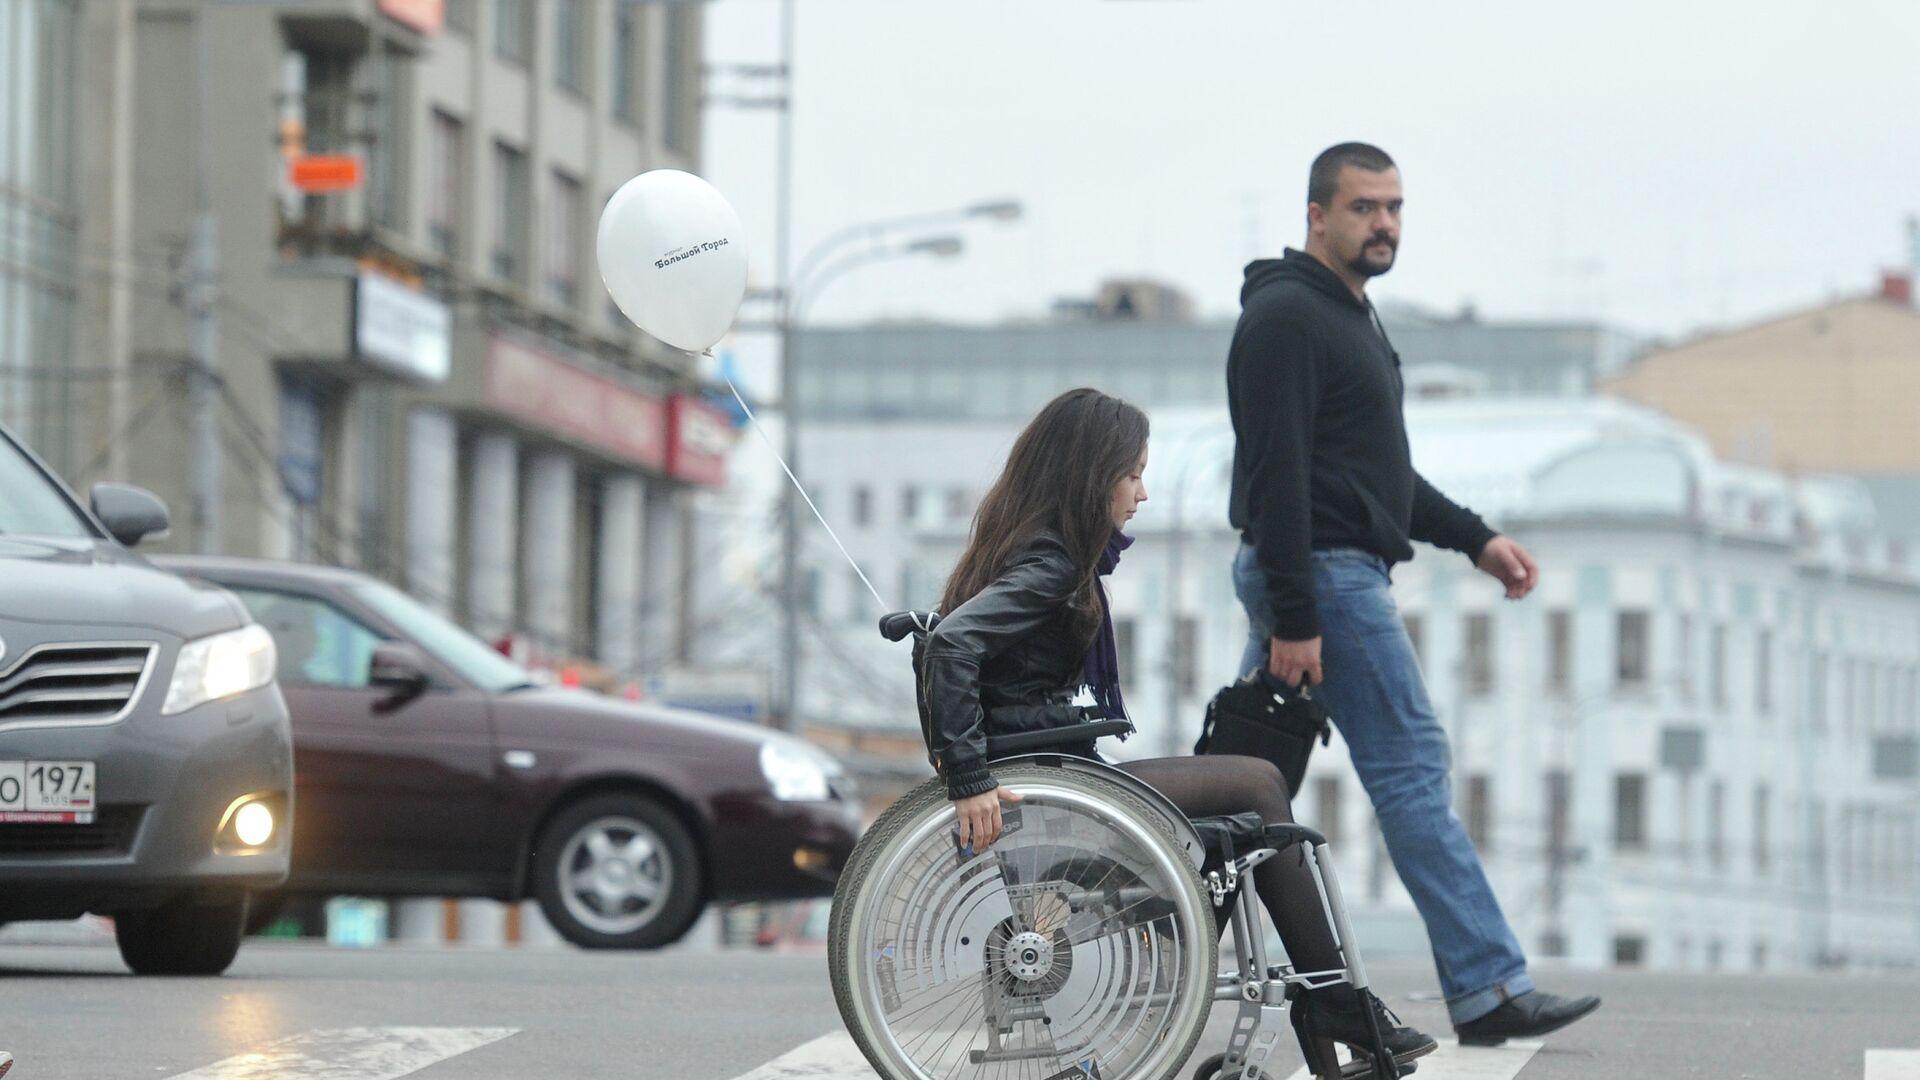 Девушка на инвалидной коляске - РИА Новости, 1920, 22.04.2021